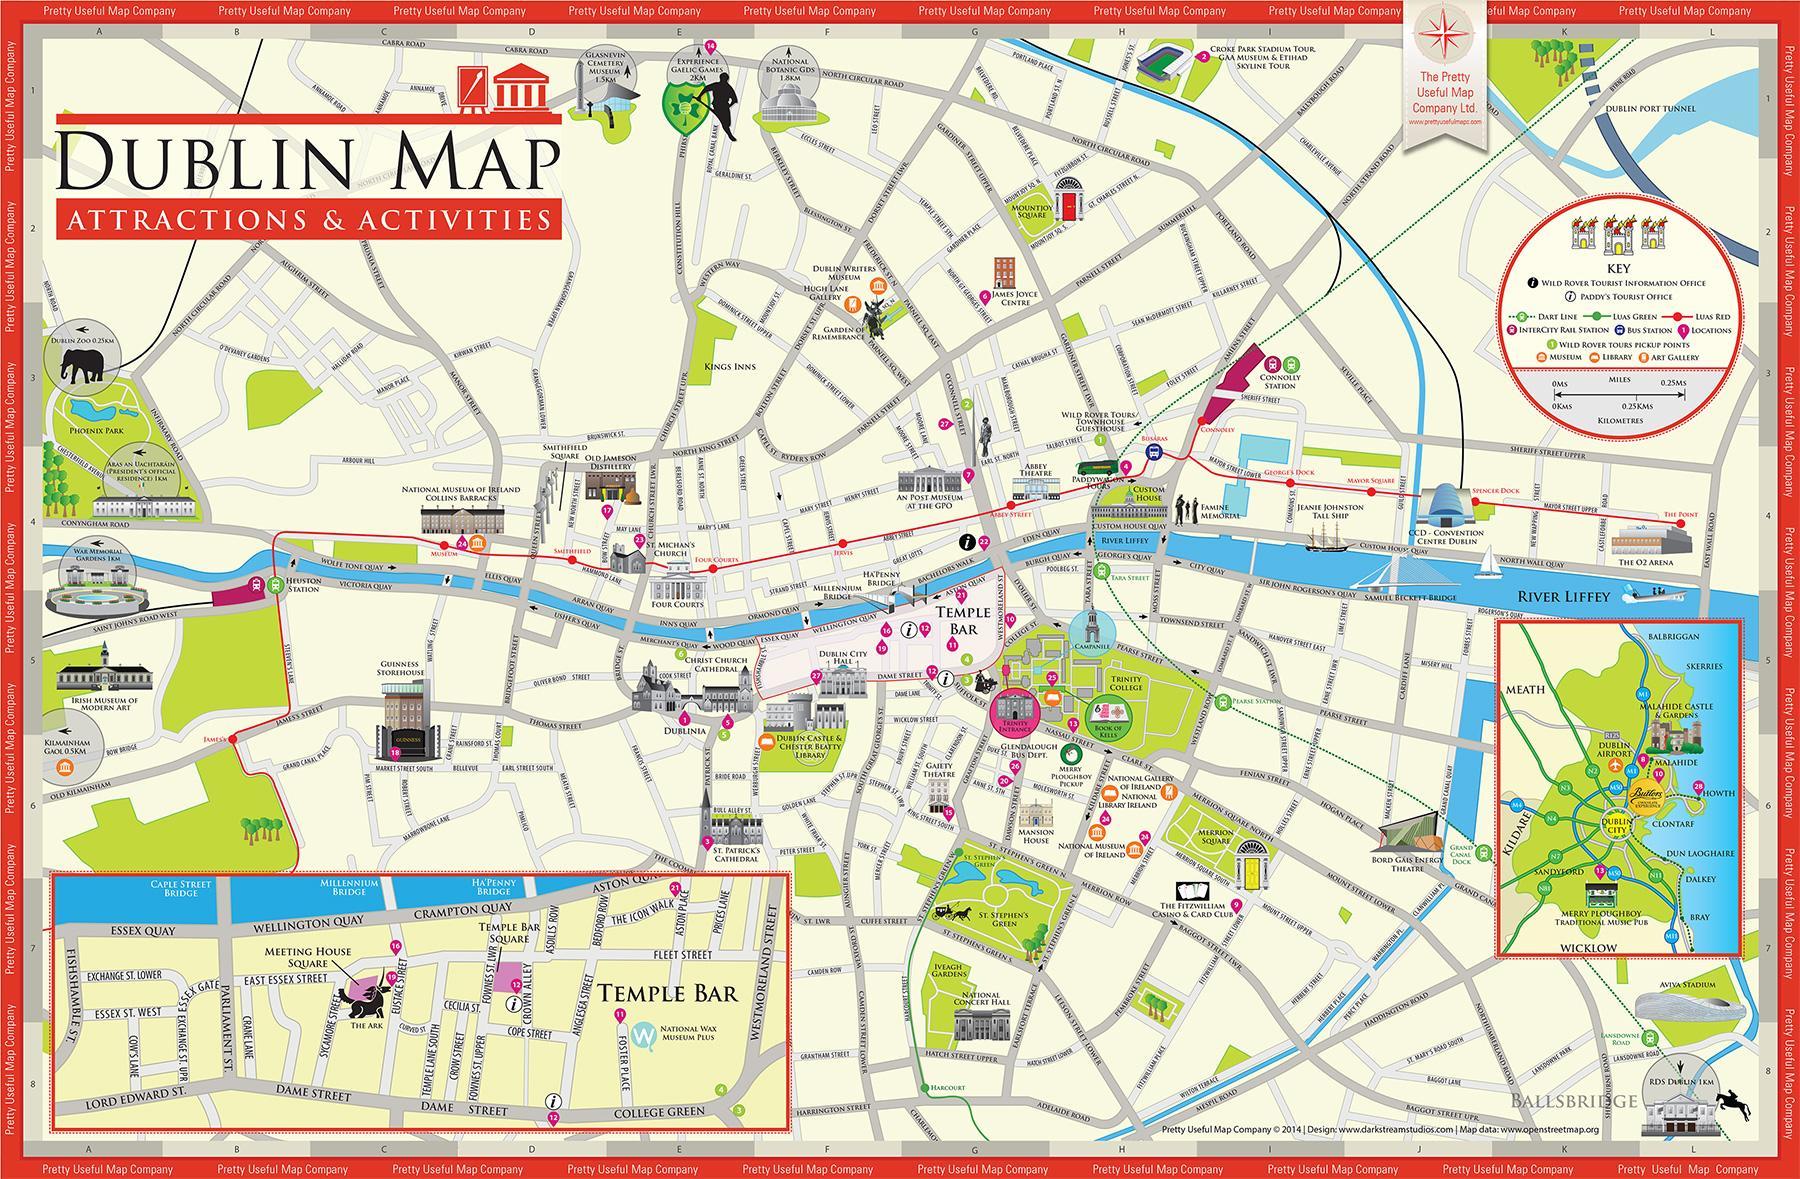 Sehenswürdigkeiten in Dublin-map - Karte der ...